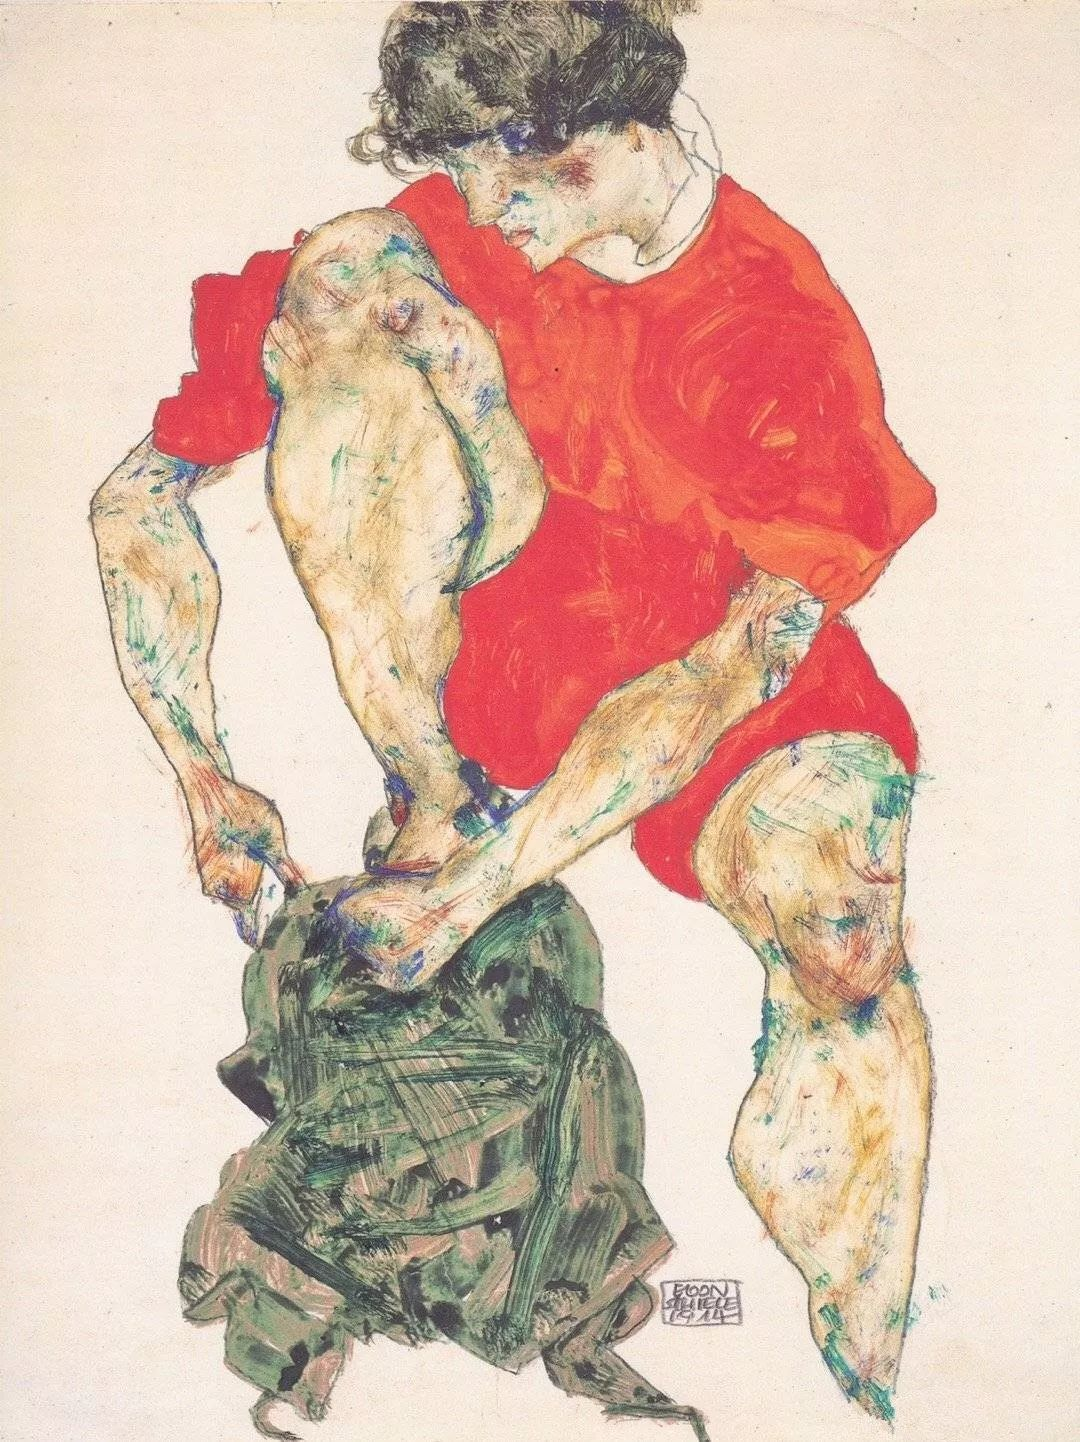 年仅28岁,生前遭受非议,死后却被捧为直逼心灵的艺术家插图141